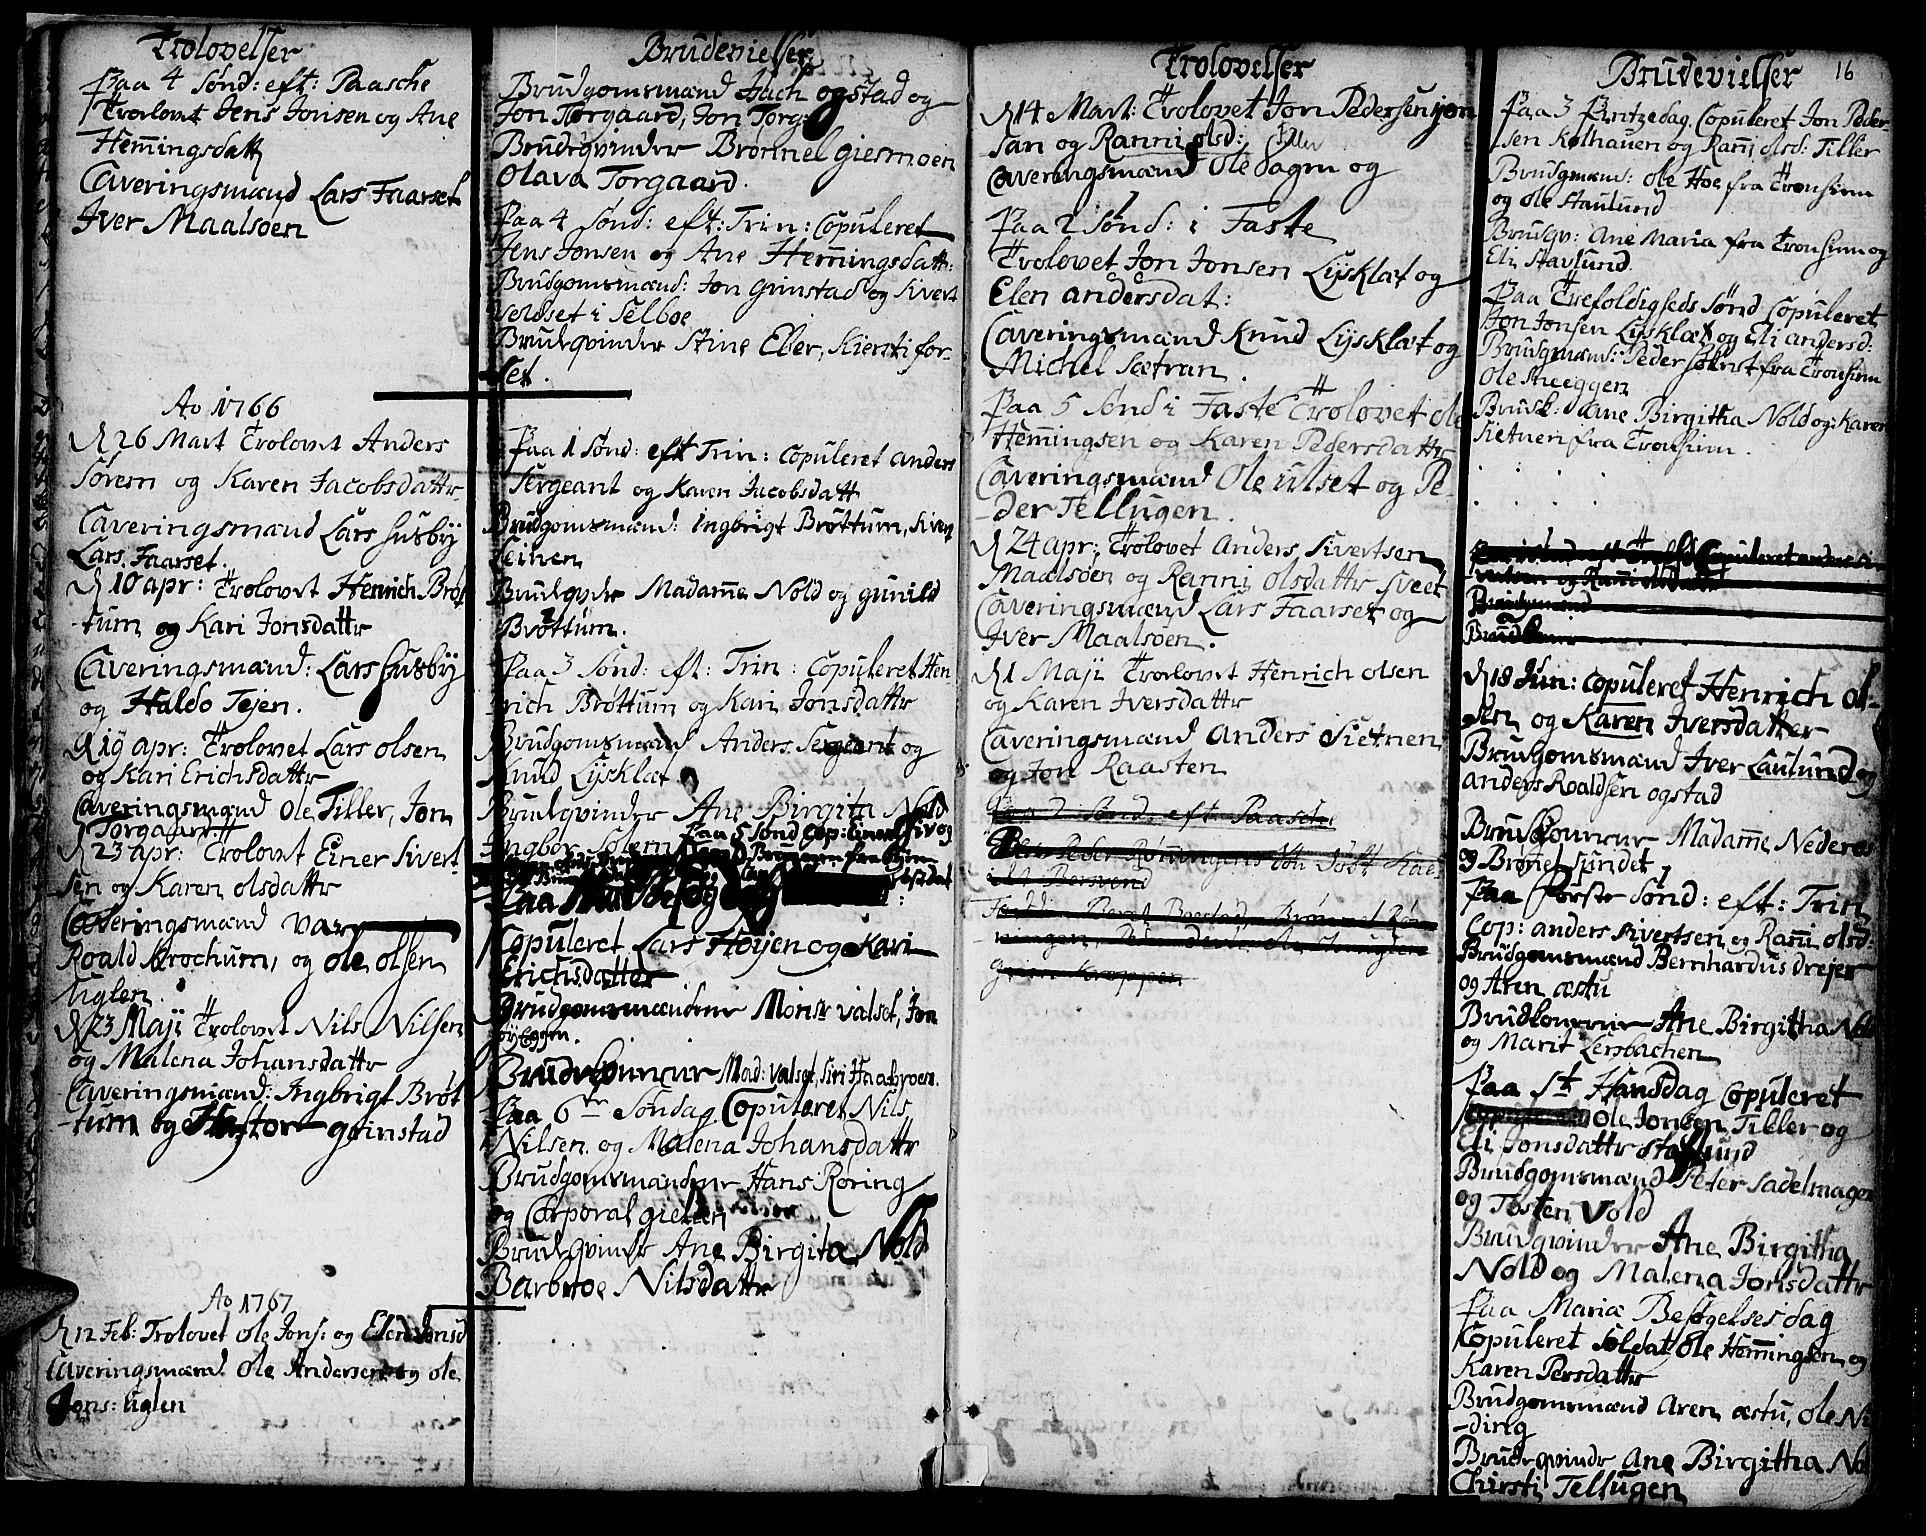 SAT, Ministerialprotokoller, klokkerbøker og fødselsregistre - Sør-Trøndelag, 618/L0437: Ministerialbok nr. 618A02, 1749-1782, s. 16